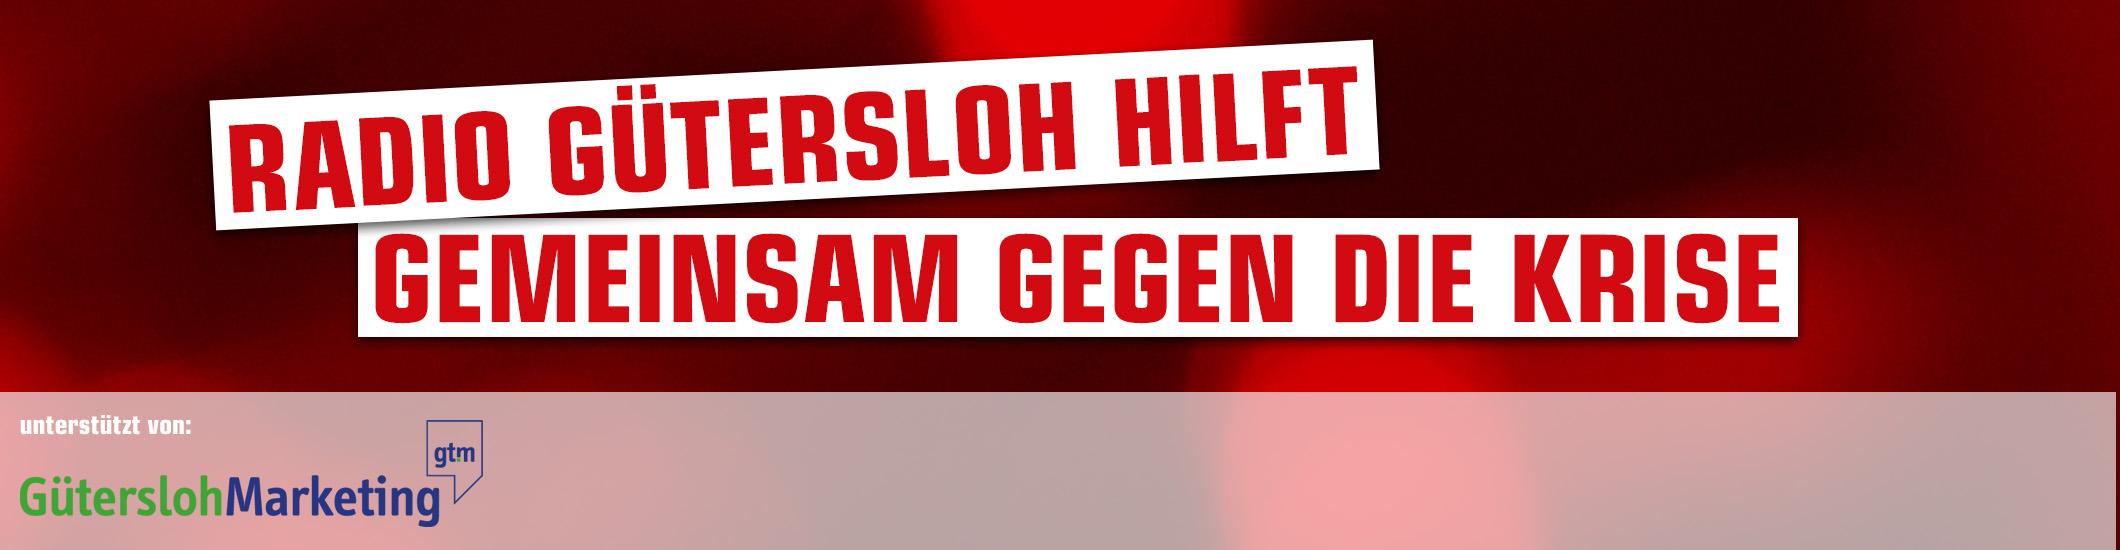 Radio Gütersloh Hilft